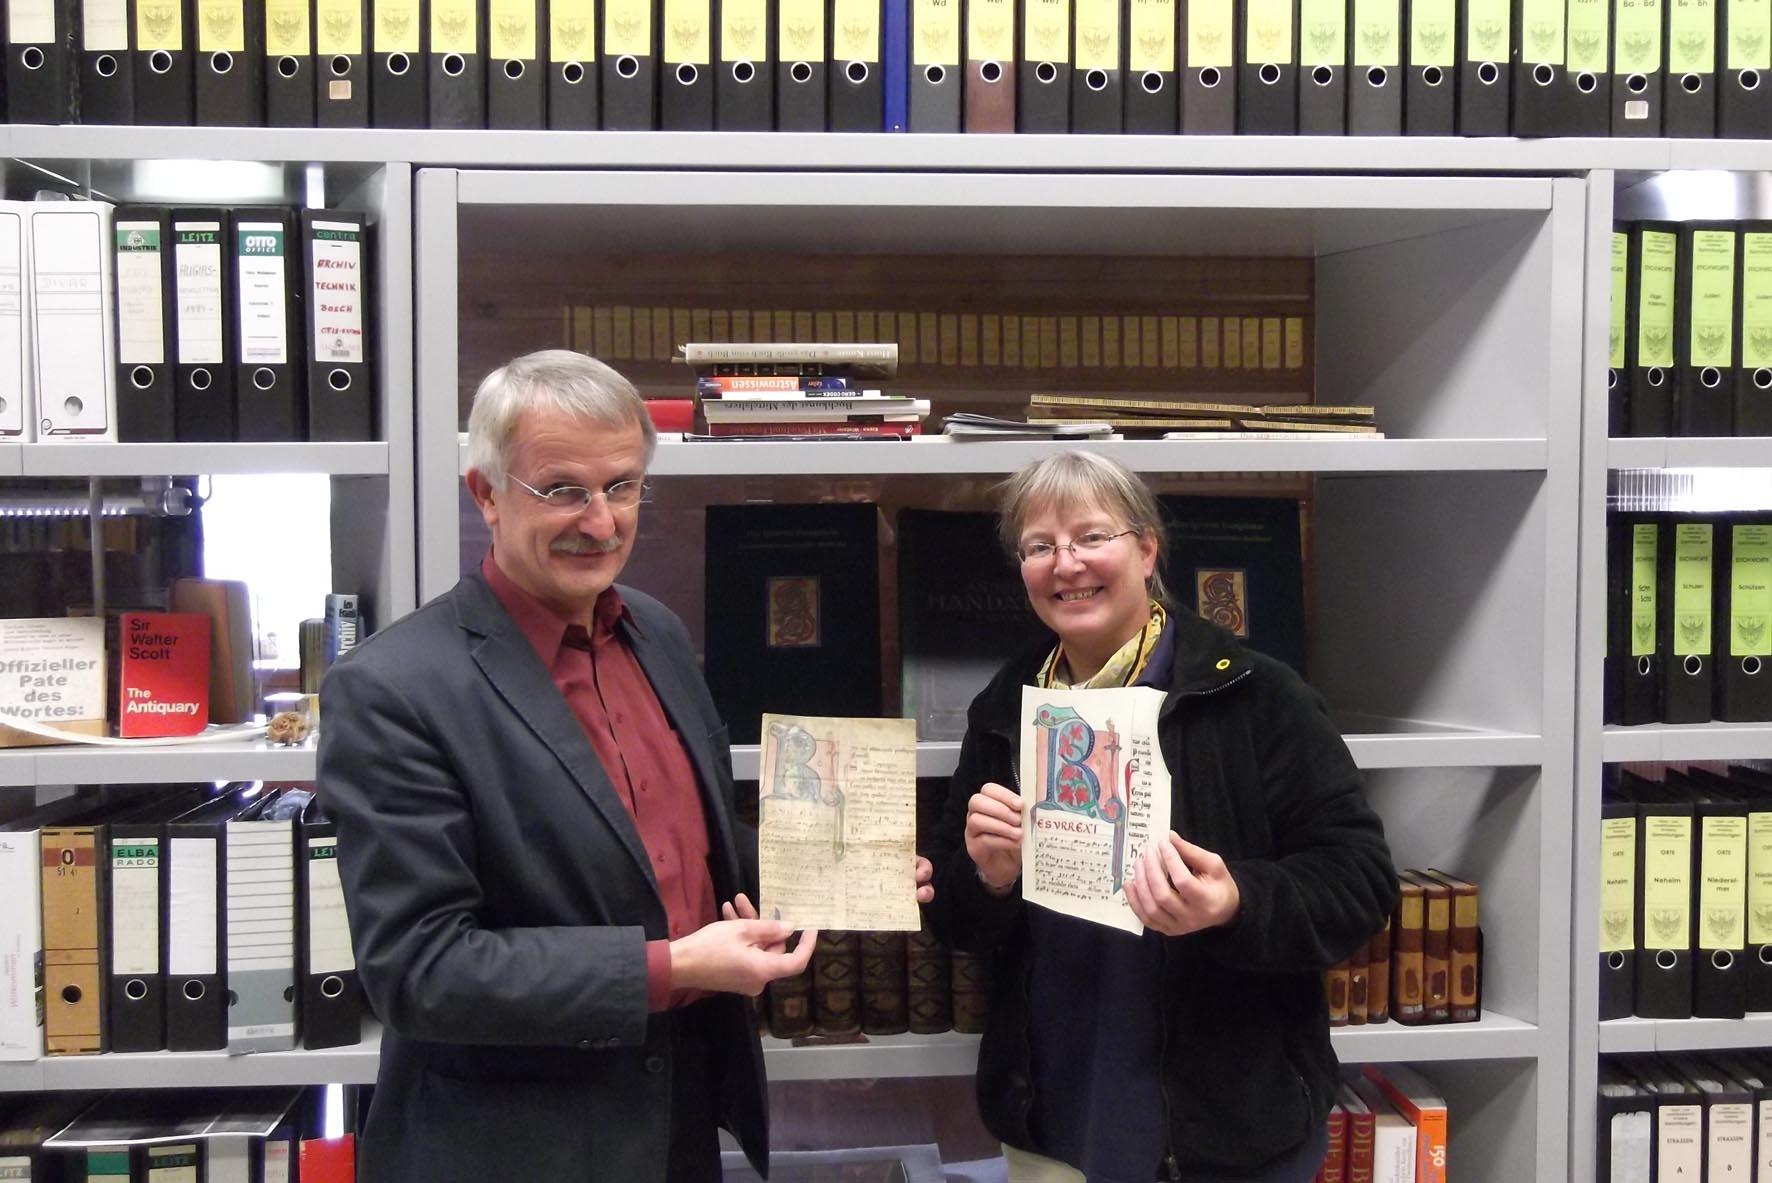 Die Kalligrafin Susanne Ulmke übergibt das Pergamentfaksimile an Stadtarchivar Michael Gosmann, der das Original in Händen hält. Foto: Nadja Töws, Stadtarchiv